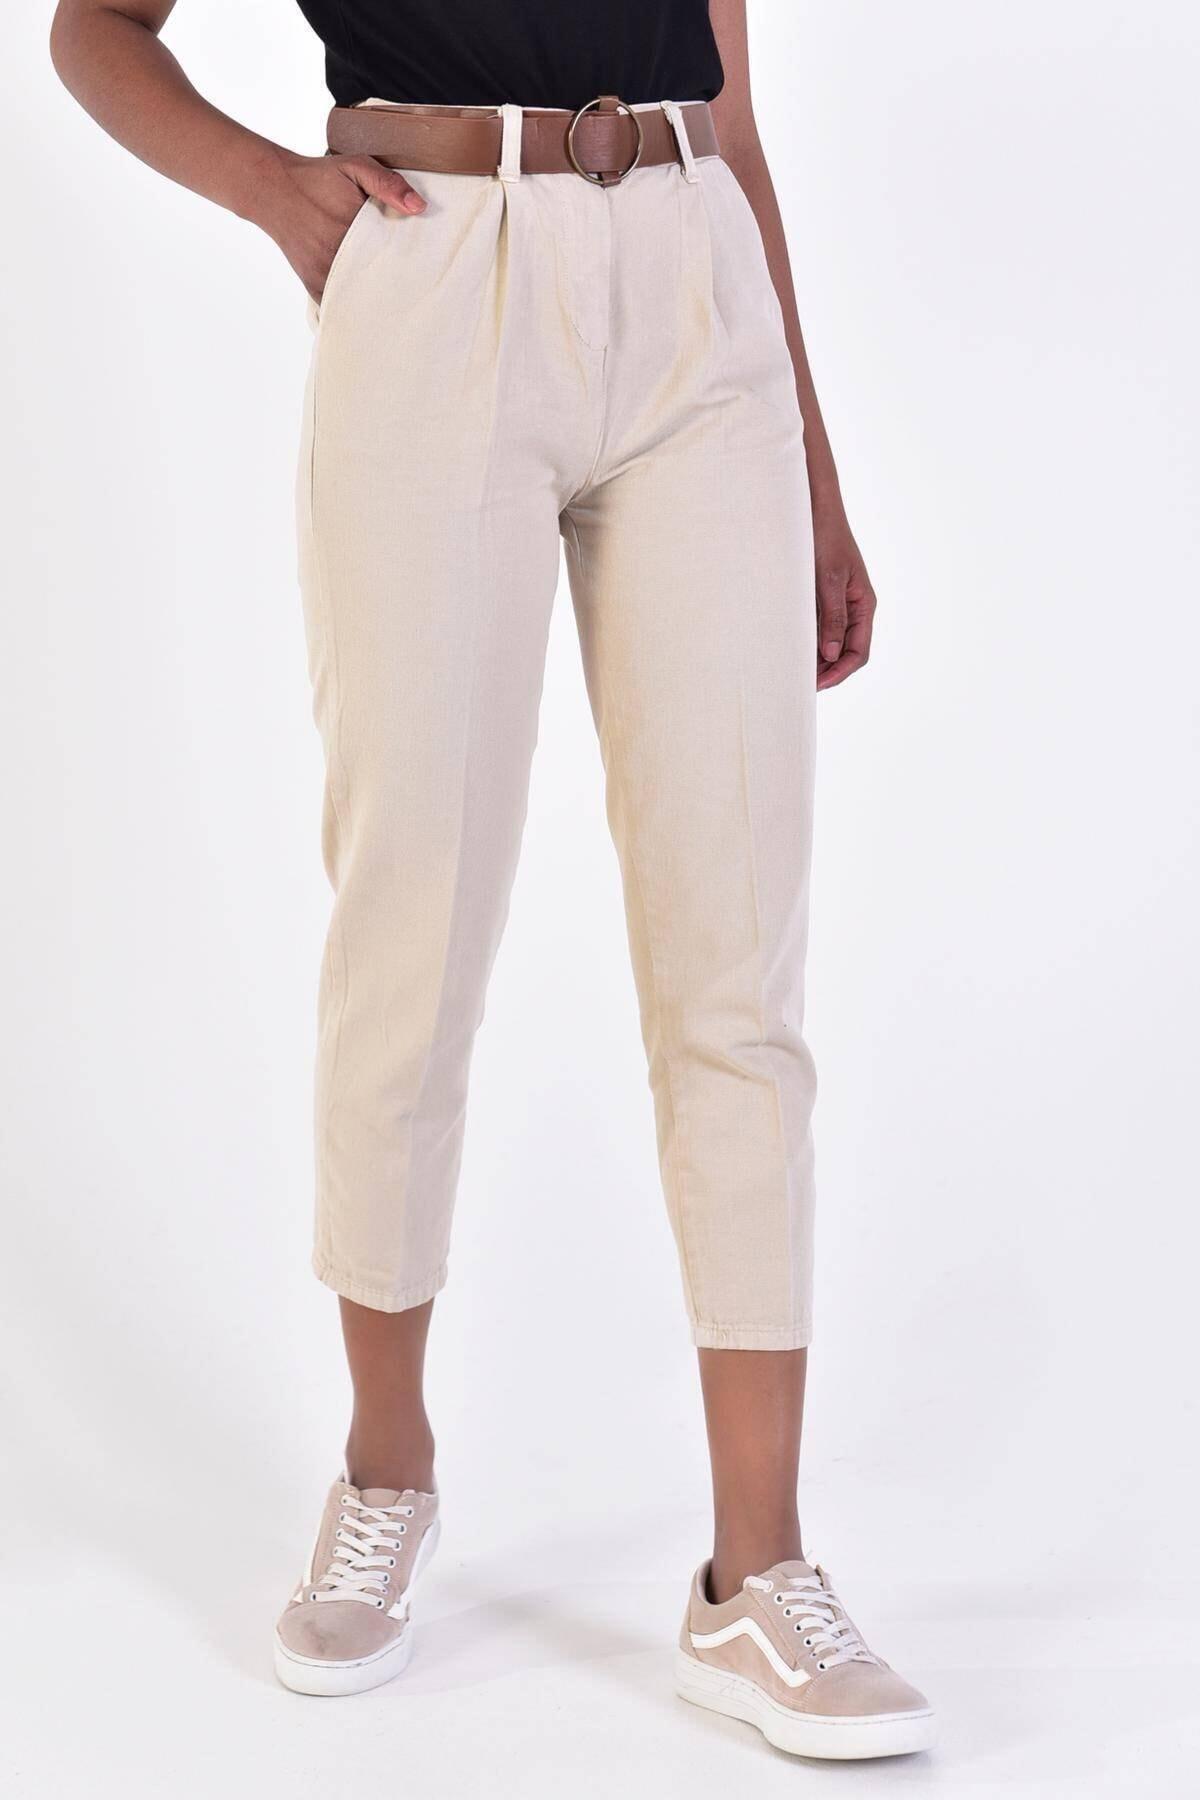 Addax Kadın Taş Kemerli Pantolon Pn4204 - B6A6Z2 Adx-0000020952 1